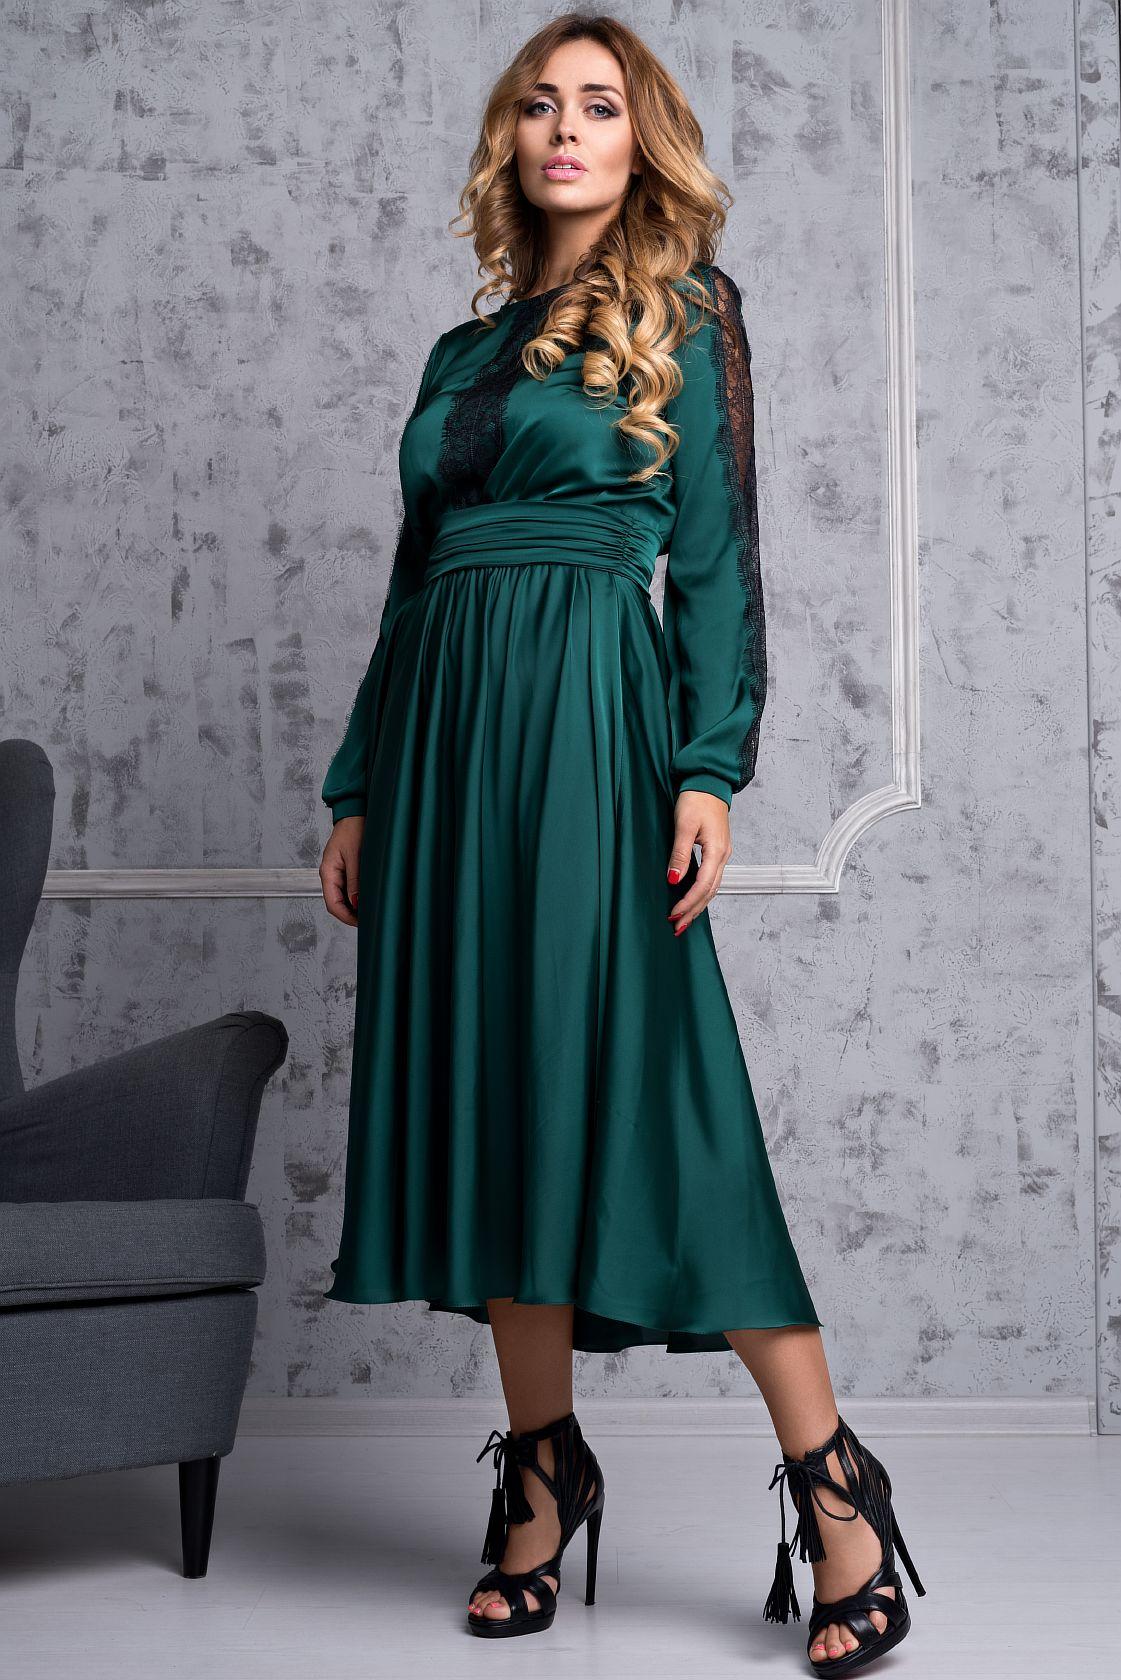 ПлатьеПлатья<br>Платье с пышной струящейся юбкой солнце, с отделкой из гипюра. Модель выполнена из гладкого атласа. Отличный выбор для любого торжества.   Длина от талии 75 см.  В изделии использованы цвета: зеленый  Ростовка изделия 170 см.<br><br>Горловина: С- горловина<br>По длине: Миди,Ниже колена<br>По материалу: Атлас<br>По образу: Выход в свет<br>По рисунку: Однотонные<br>По сезону: Весна,Зима,Лето,Осень,Всесезон<br>По силуэту: Полуприталенные<br>По стилю: Нарядный стиль<br>По форме: Платье - трапеция<br>По элементам: С декором,С манжетами<br>Рукав: Длинный рукав<br>Размер : 40,42,44,46,48-50<br>Материал: Атлас<br>Количество в наличии: 5